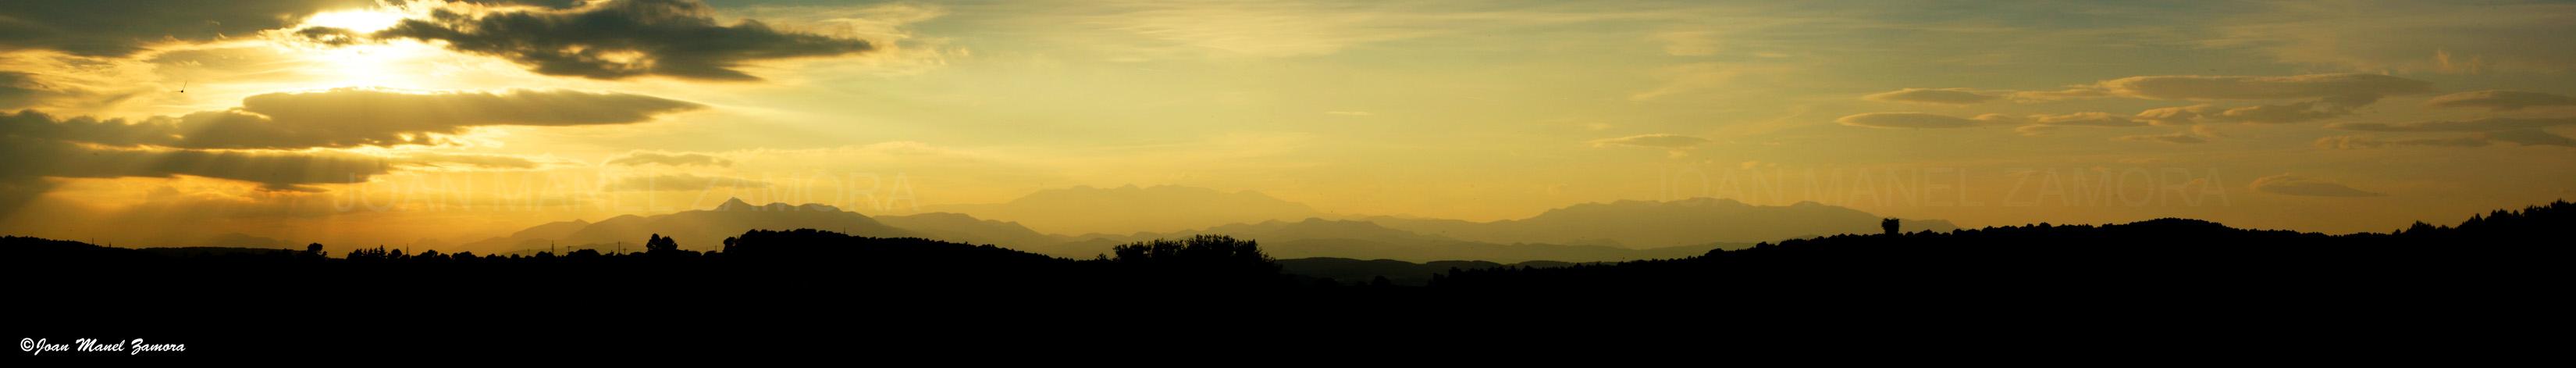 06037 SUNSET PANORAMIC-FINE ART